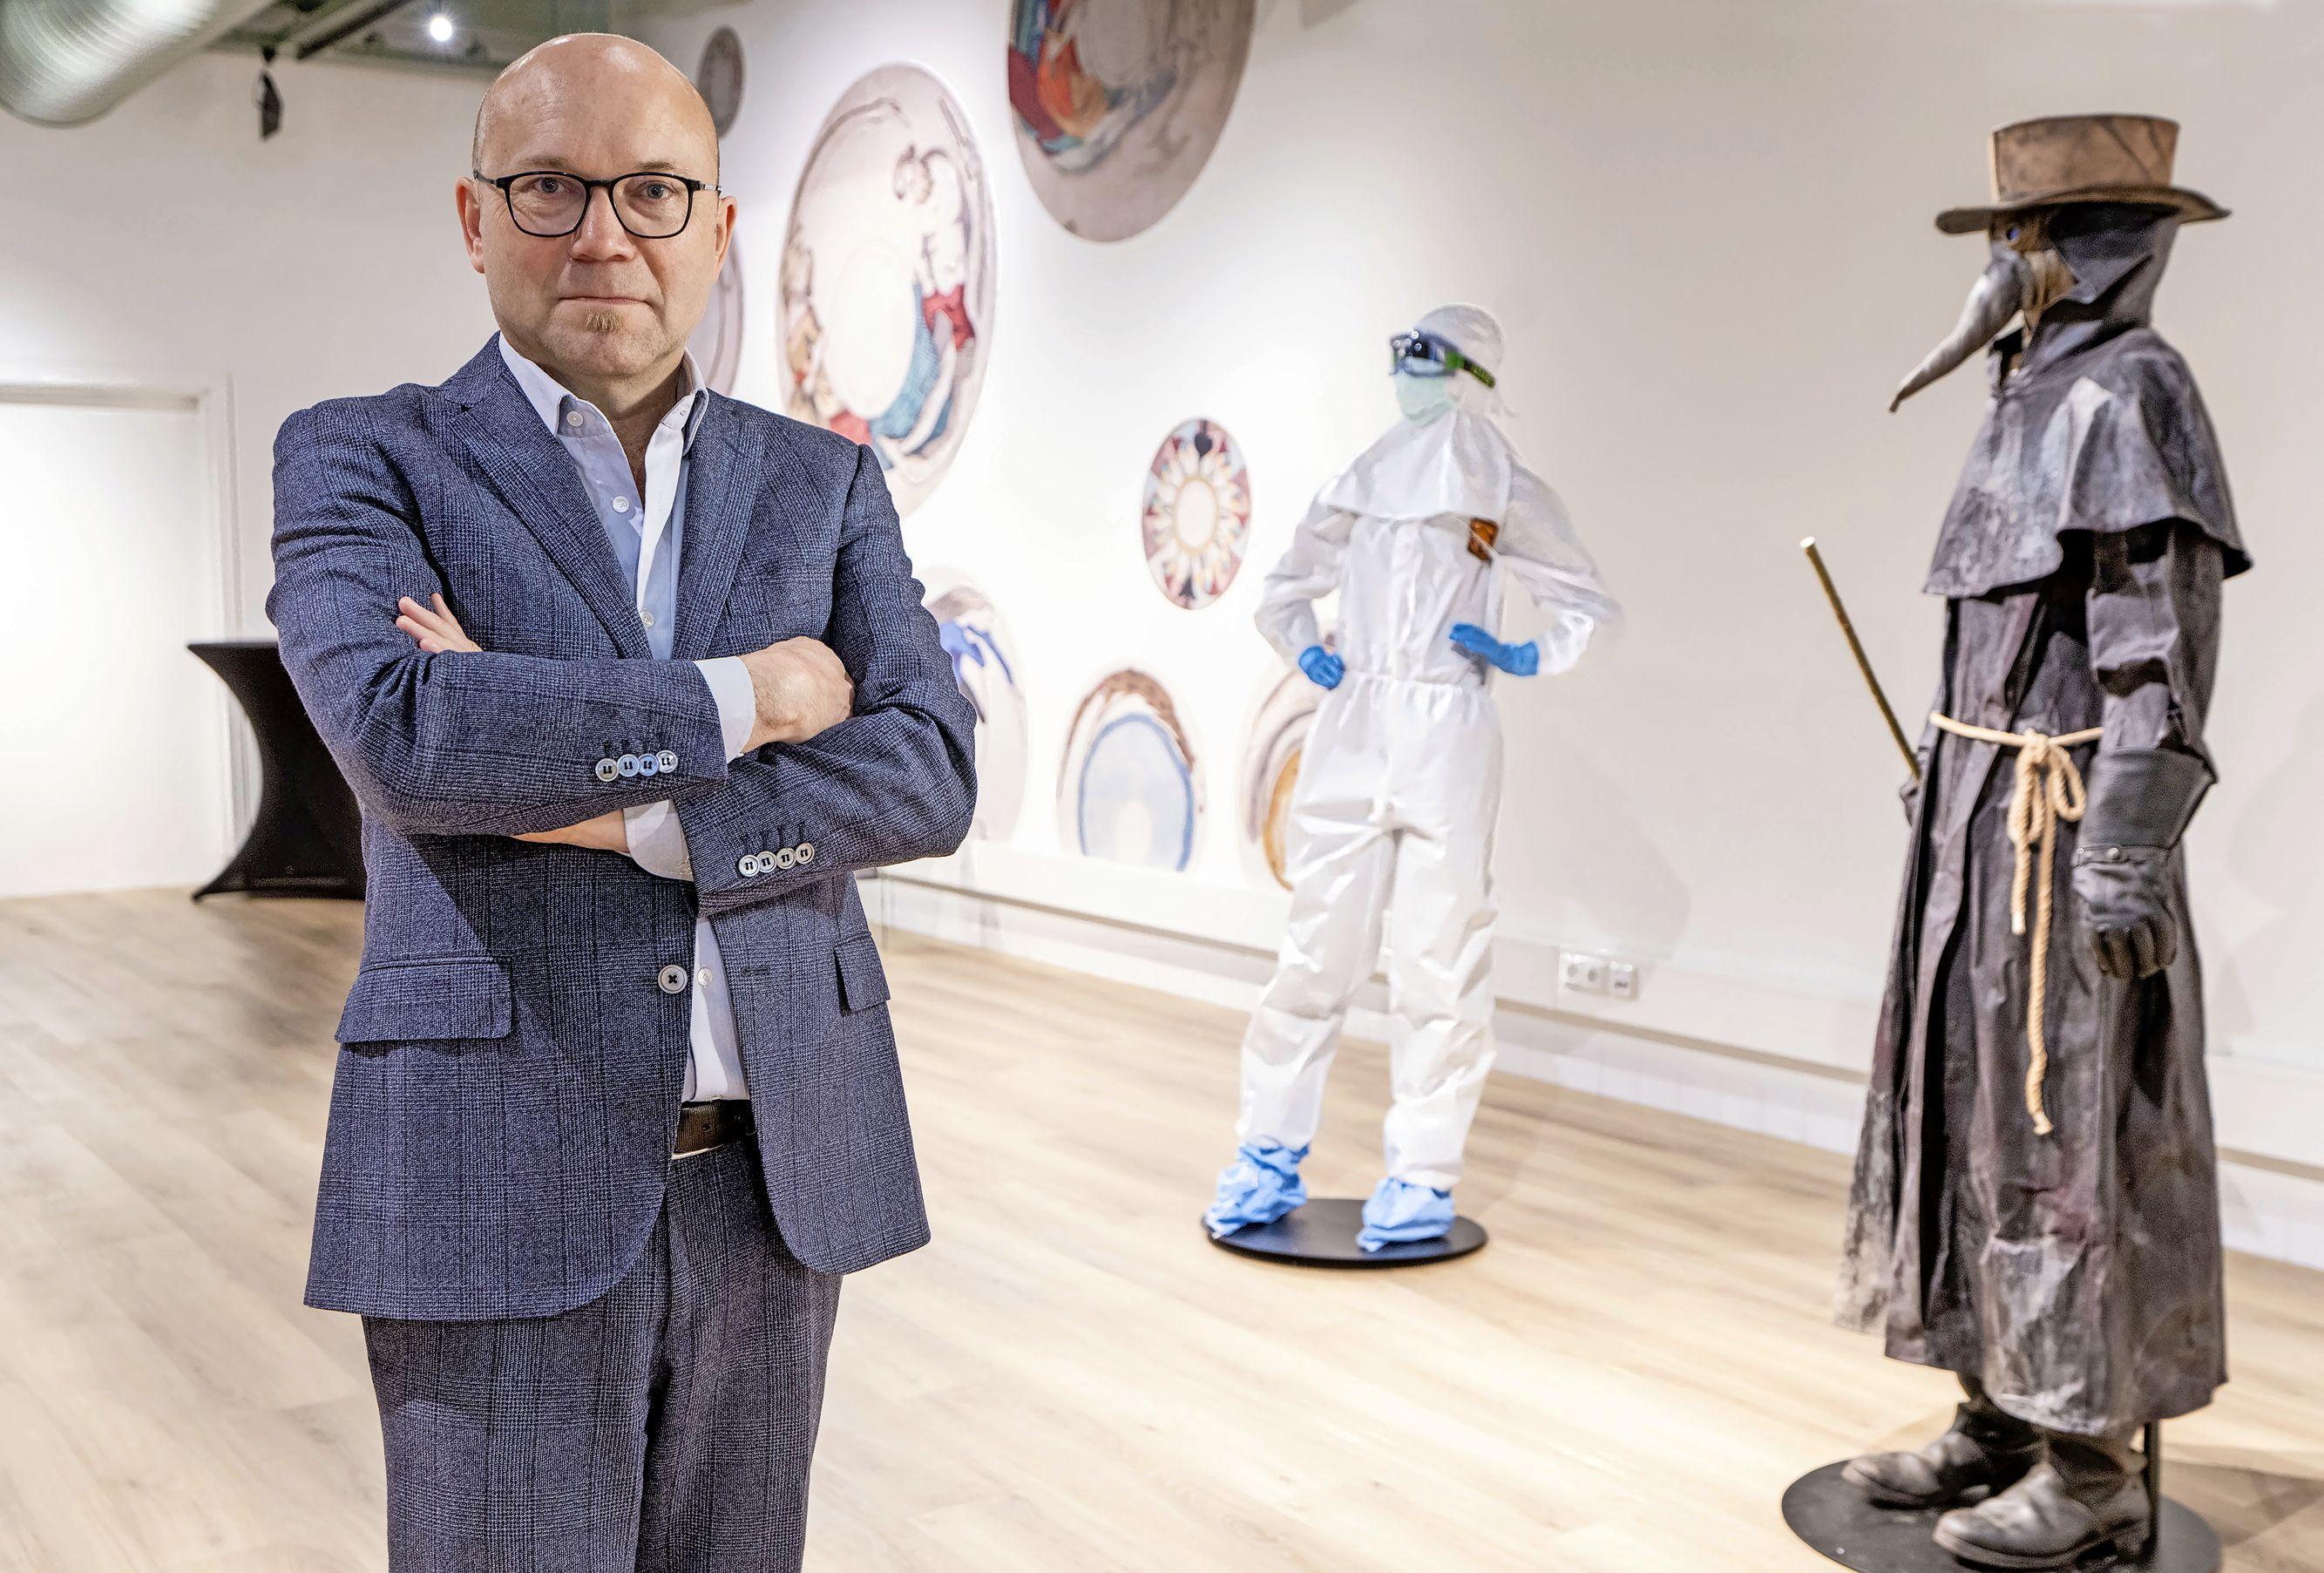 Europees museum van het jaar trekt meer bezoekers, maar ook vakgenoten. 'Prestigieuze prijs laat zien dat kwaliteit van Leidse musea hoog is'